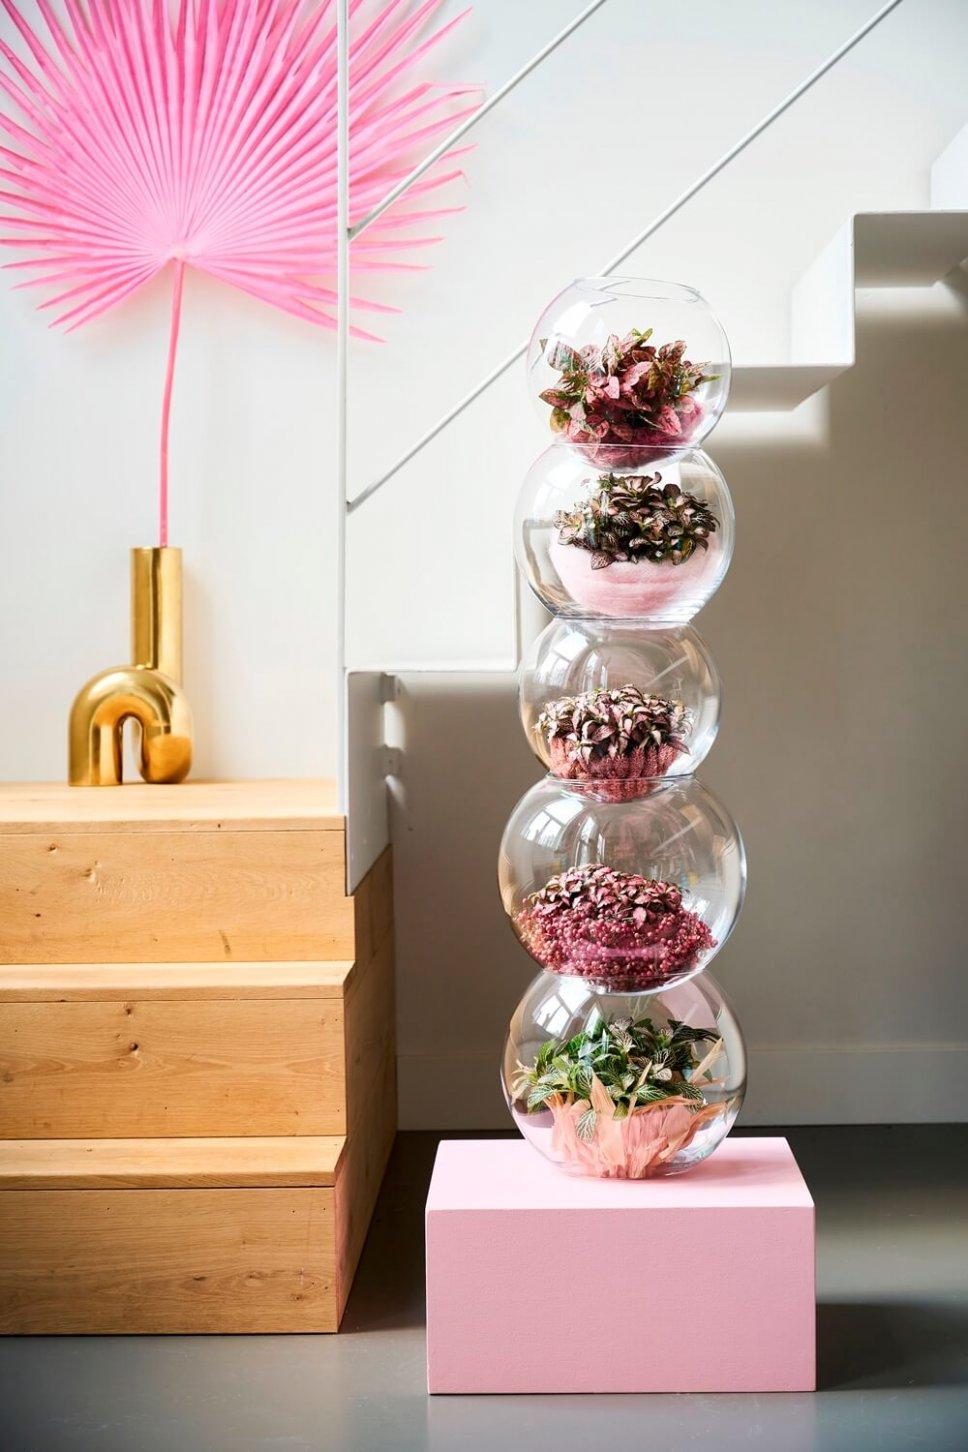 Moderner Wohnraum mit gestapelten Glaskugeln, gefüllt mit Zimmerpflanzen